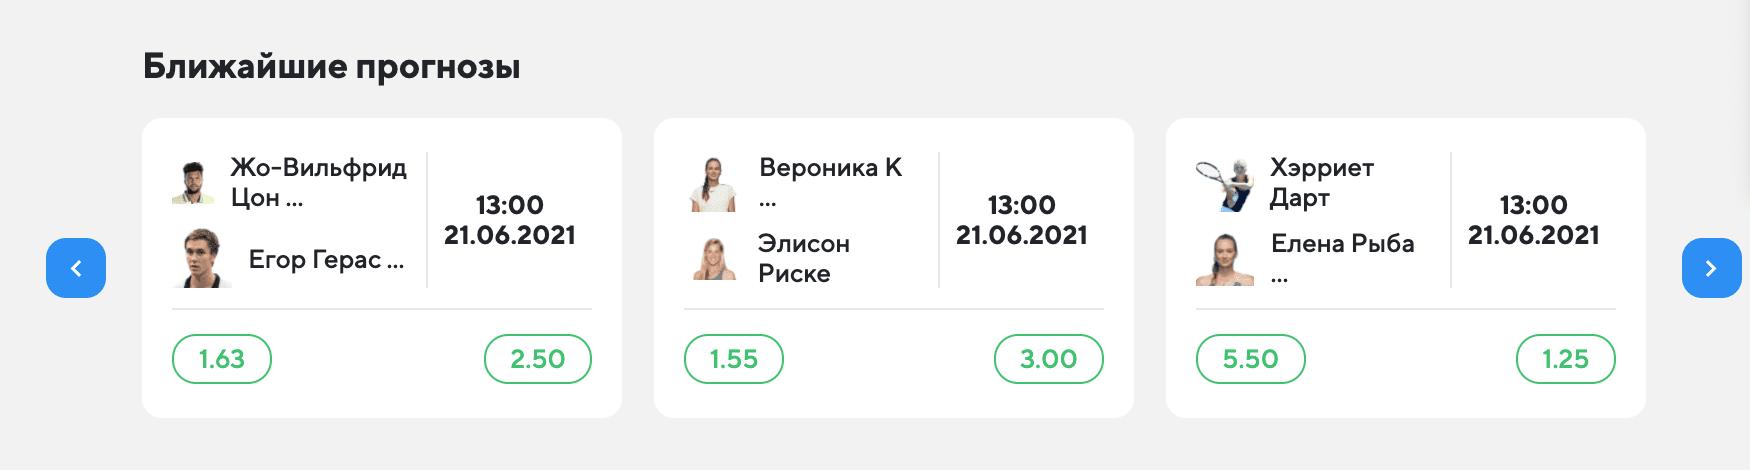 Ближайшие прогнозы на сайте Vseprosport(Всепроспорт)